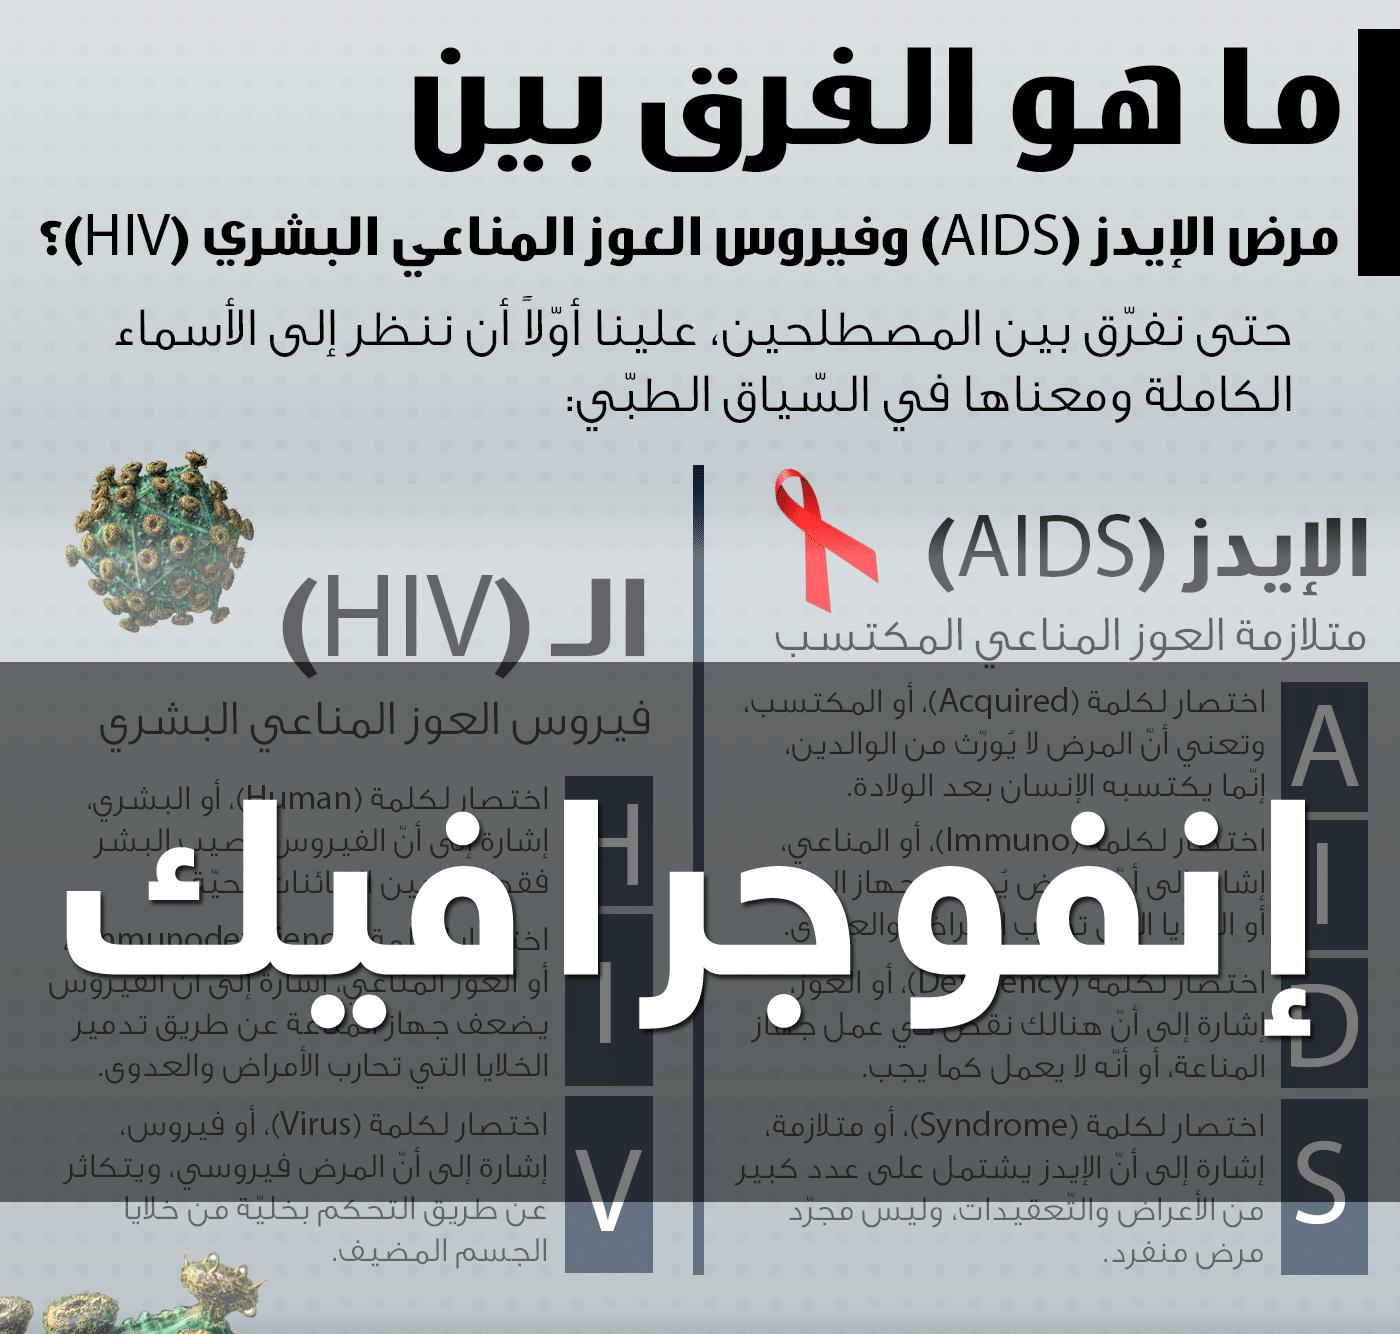 إنفوجرافيك: ما هو الفرق بين مرض الإيدز وفيروس العوز المناعي البشري؟